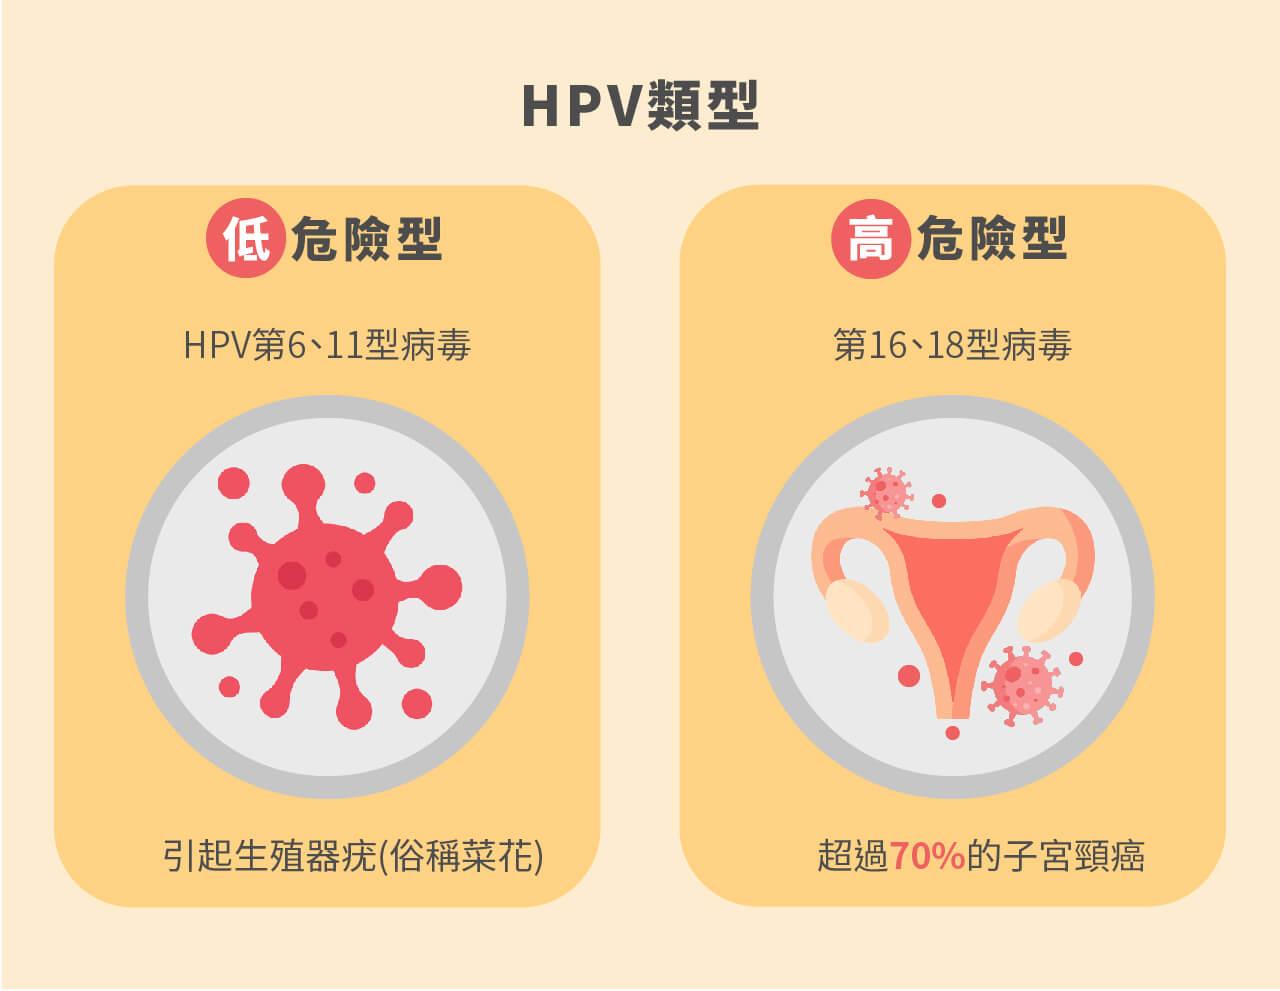 尼斯診所,子宮頸,九價疫苗,hpv類型